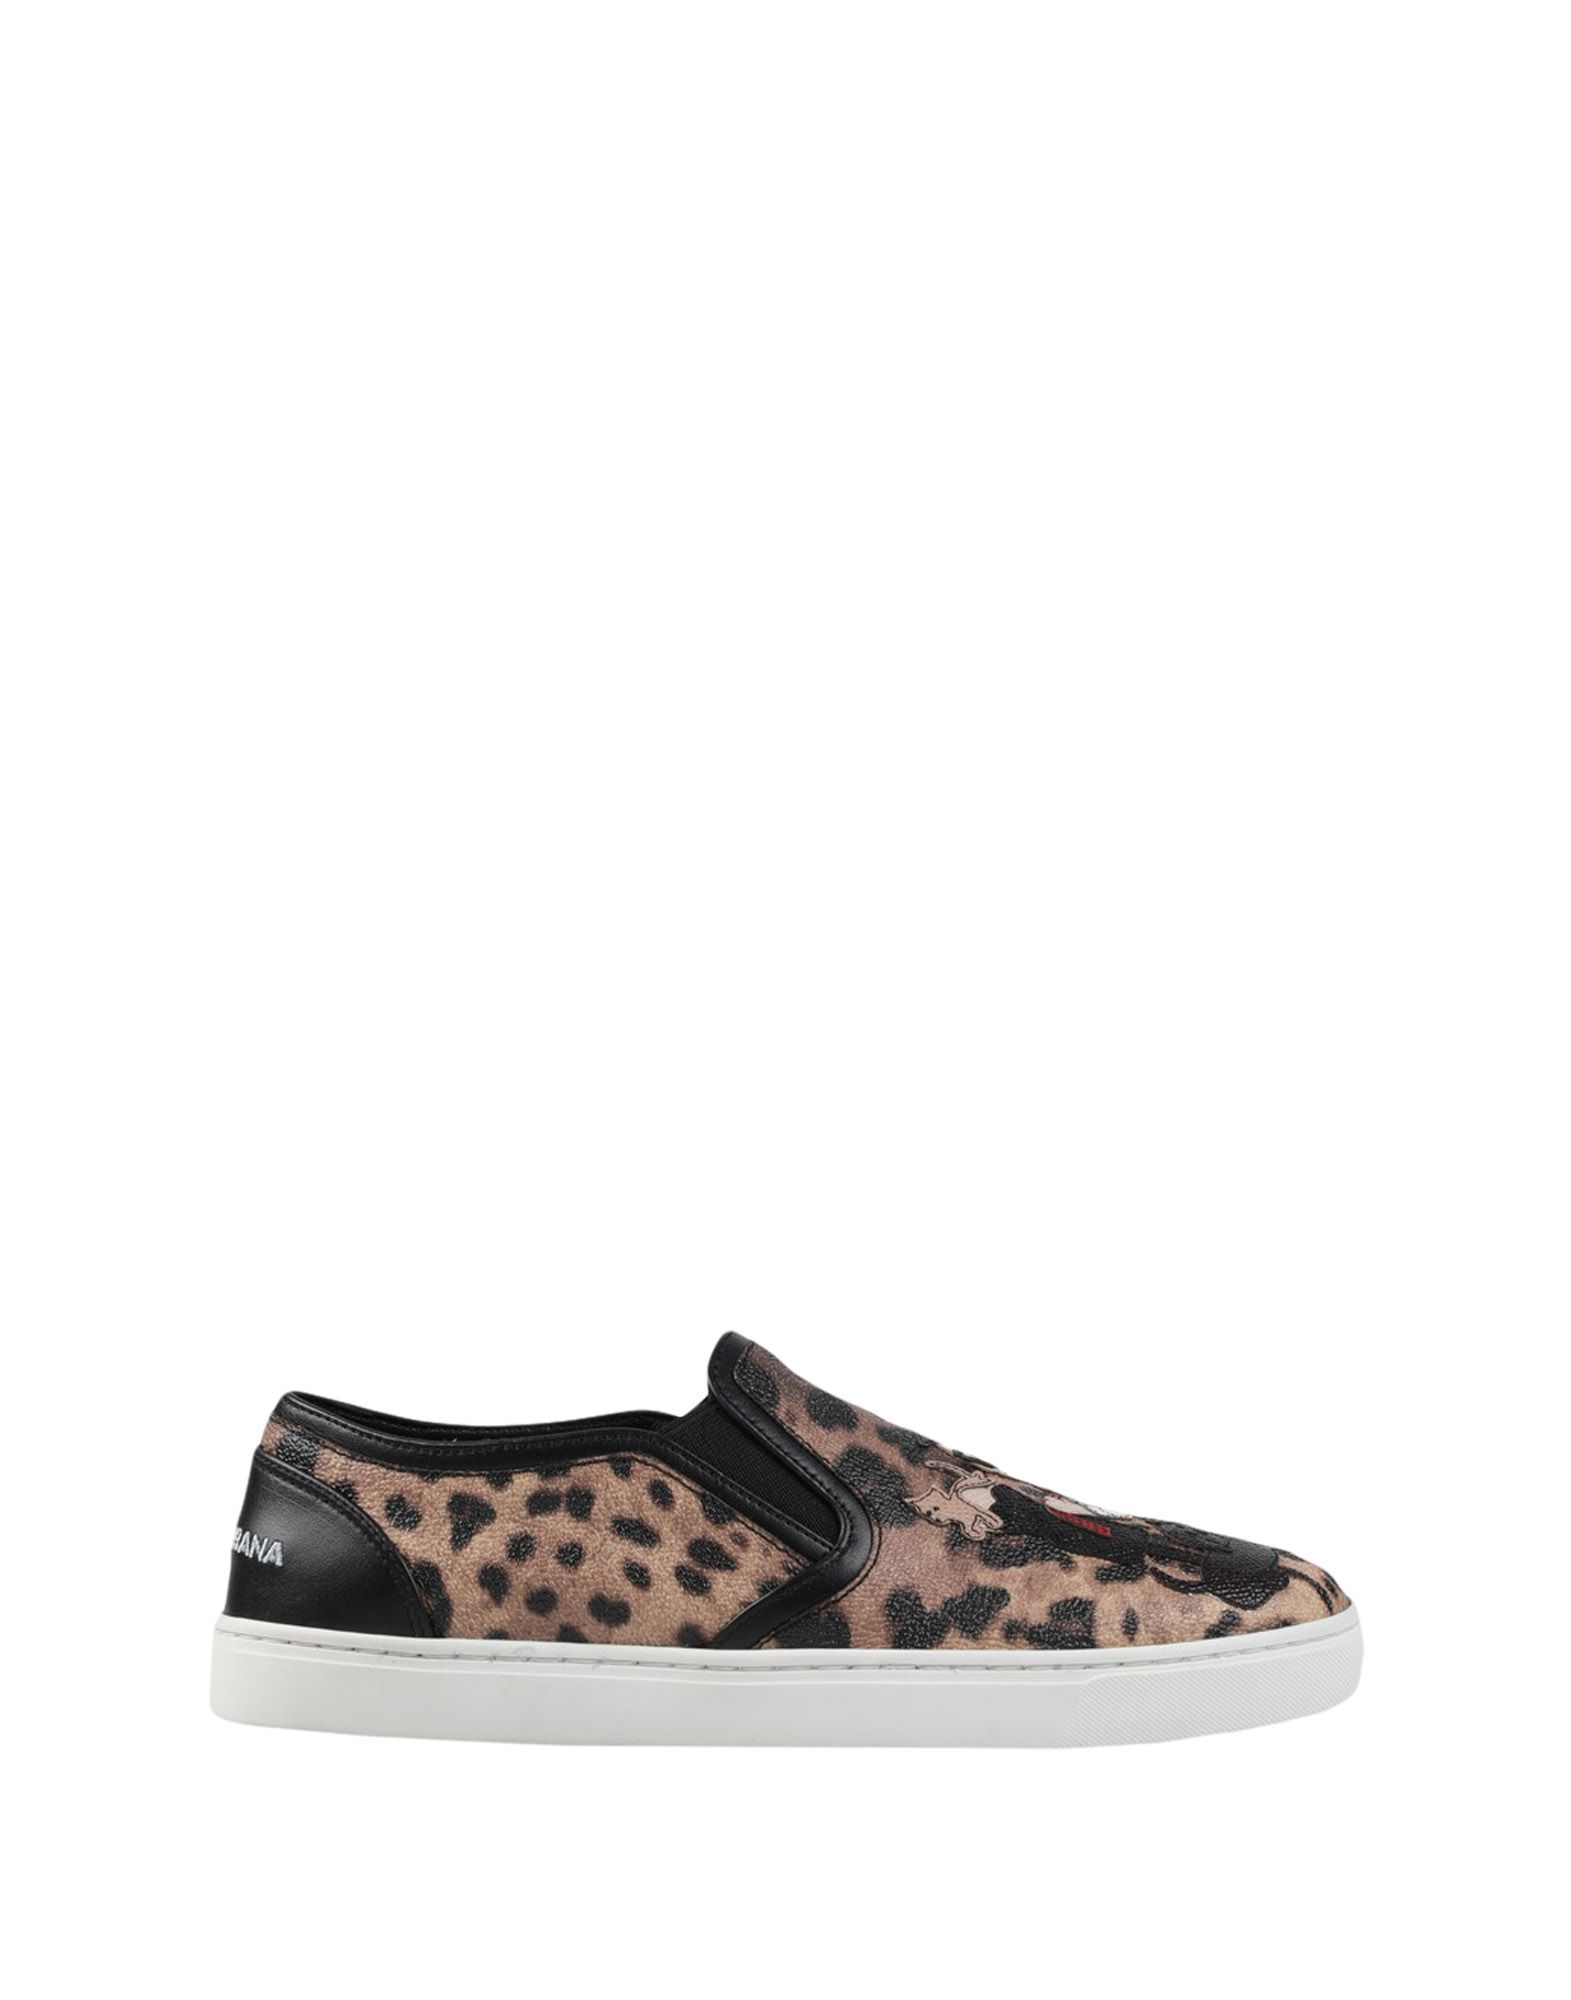 Dolce & Dolce Gabbana Sneakers - Women Dolce & & Gabbana Sneakers online on  United Kingdom - 11557619GT 40d0e1